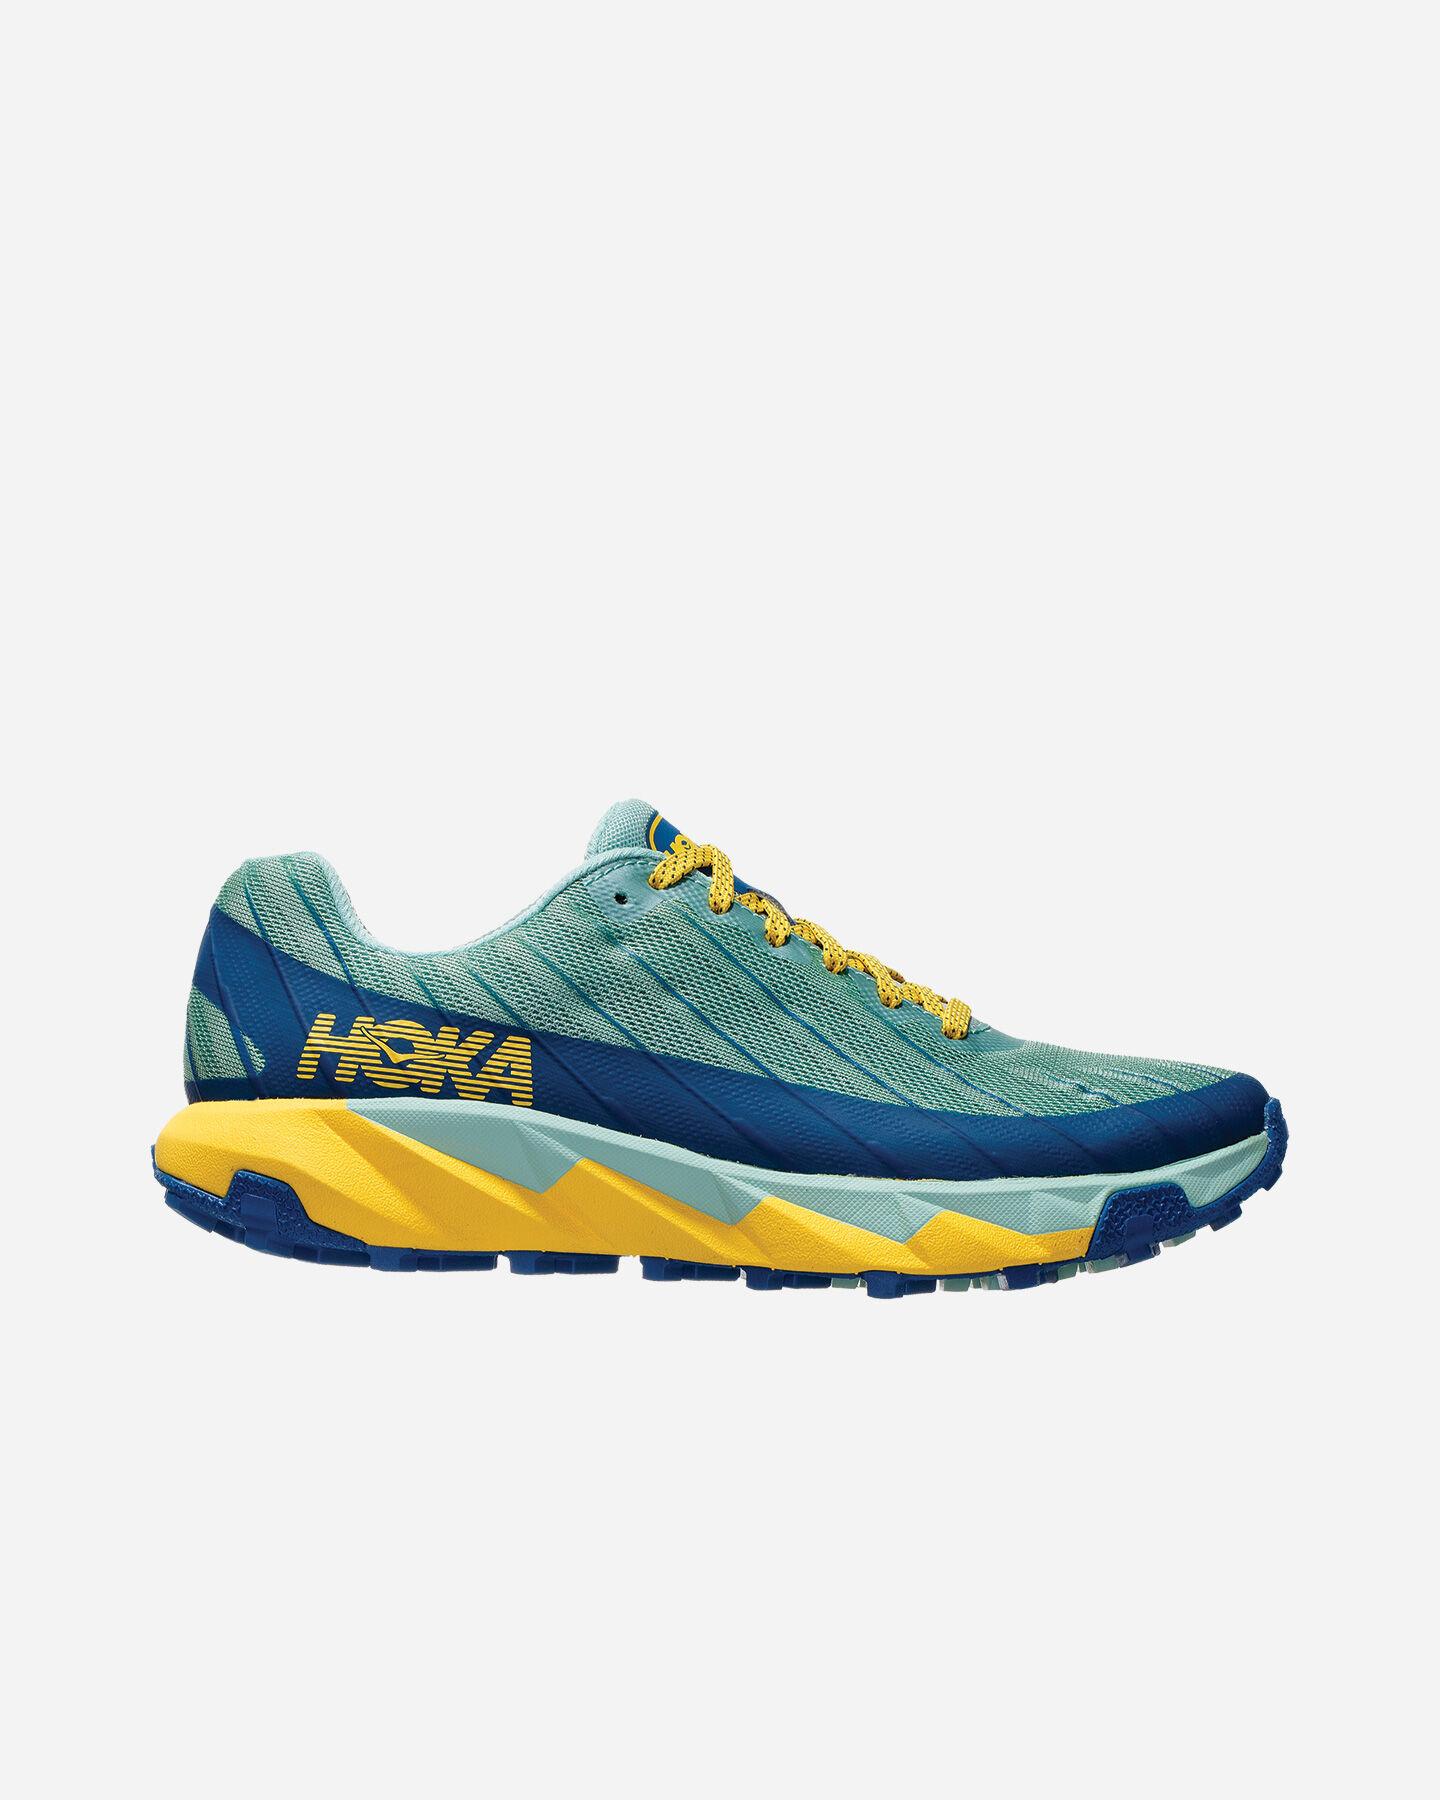 E Running Donna Cisalfa Sport Da Trail Running Corsa Scarpe tqwxBzg6n